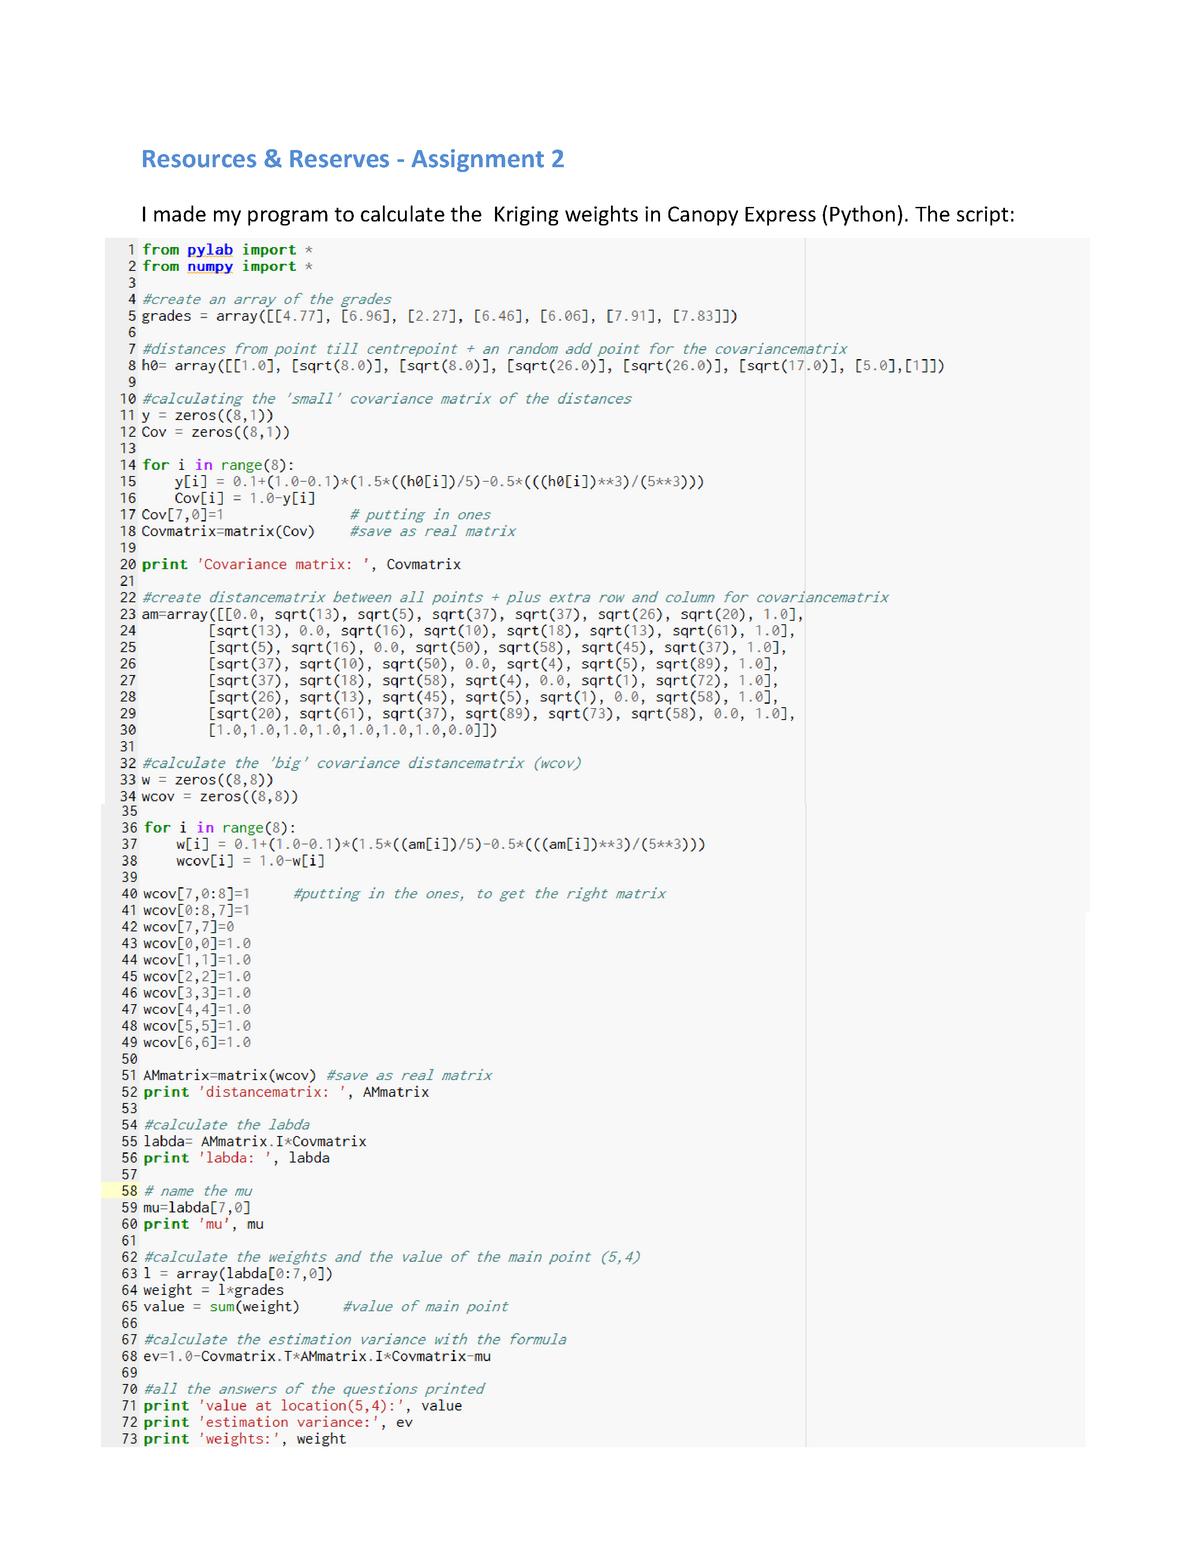 Verplichte opdracht assignment 2: Kriging weights (Python